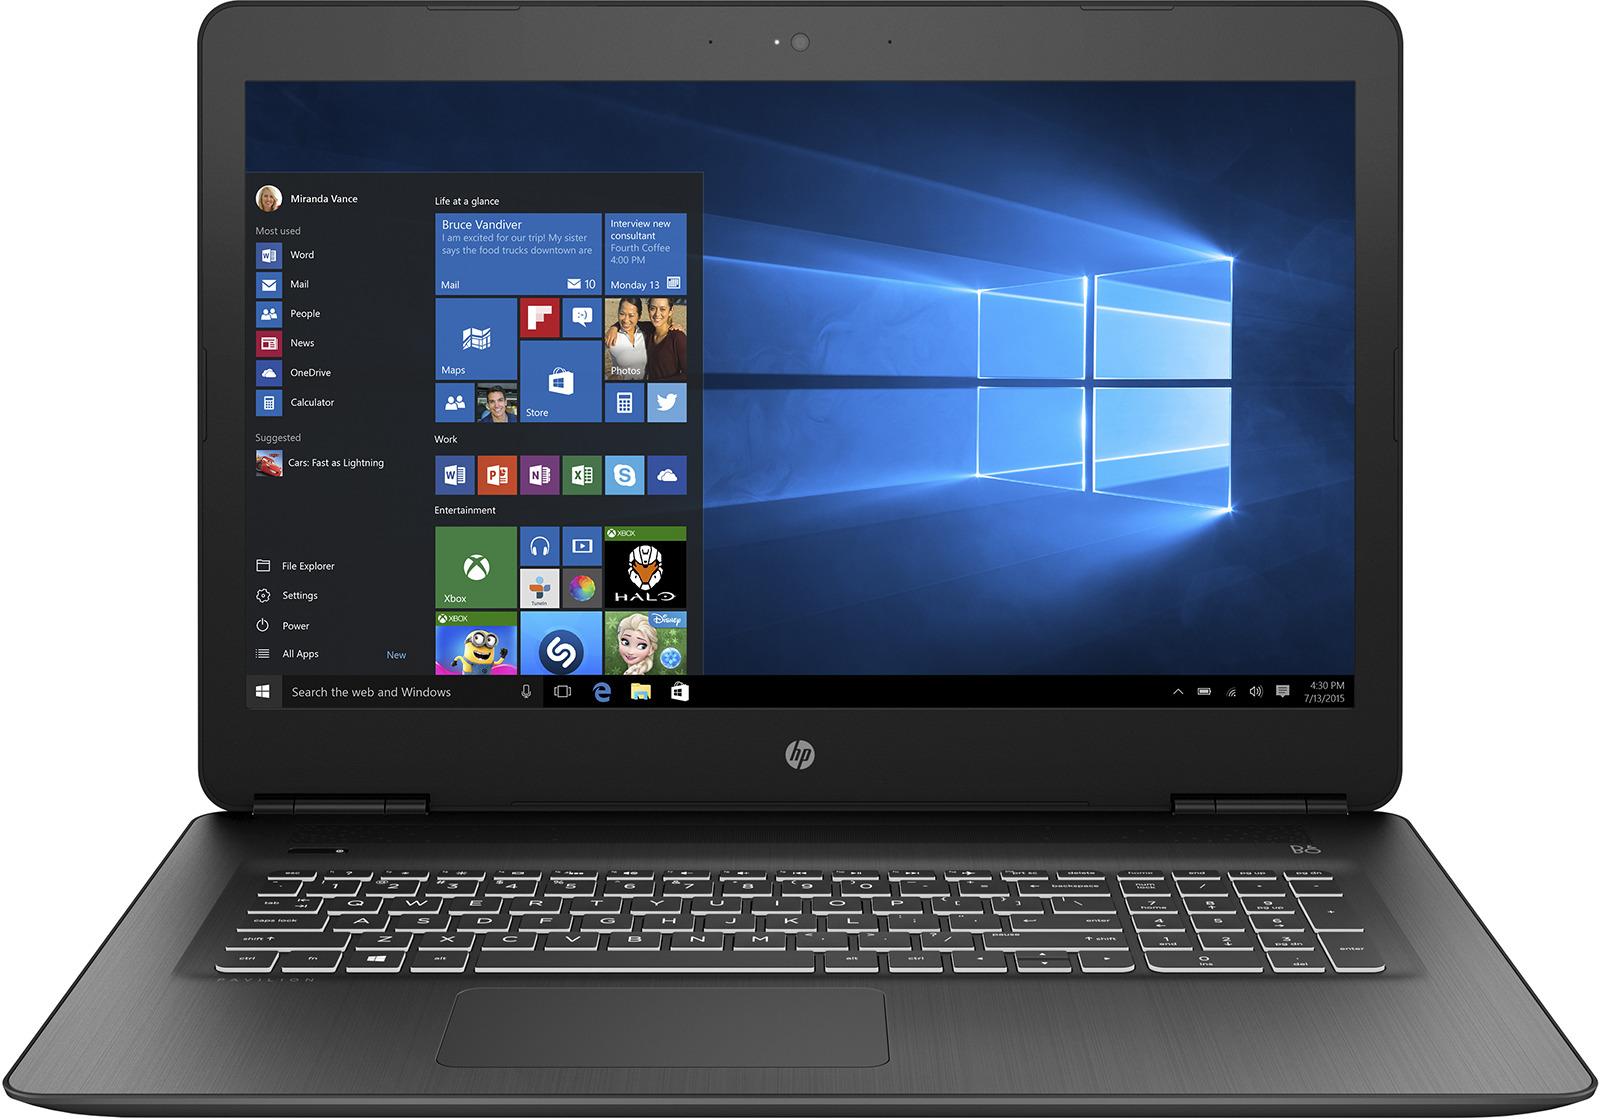 17.3 Игровой ноутбук HP Pavilion Gaming 17-ab312ur 2PQ48EA, черный